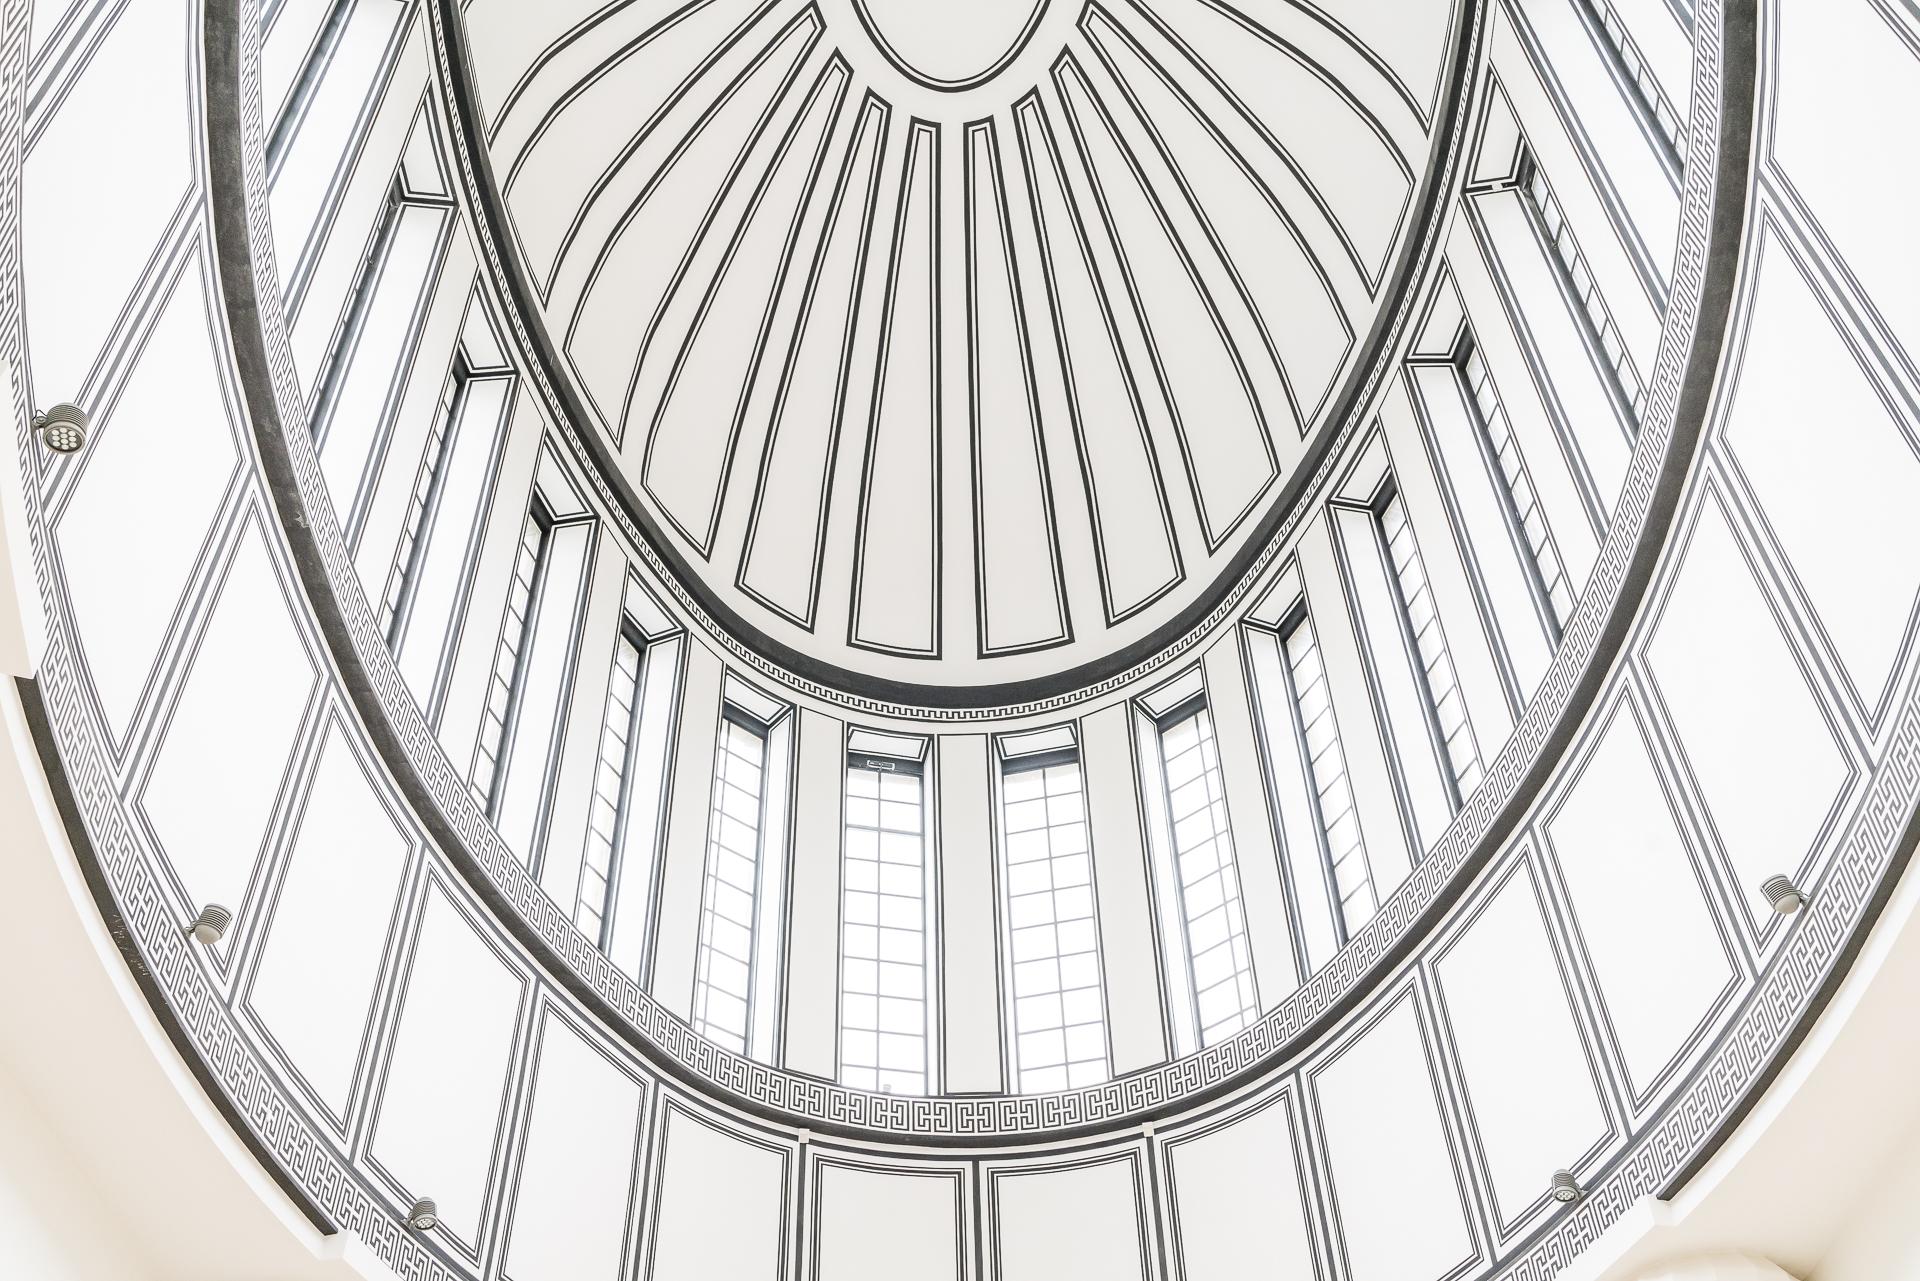 Vier-Kuppel-Pavillon Wroclaw